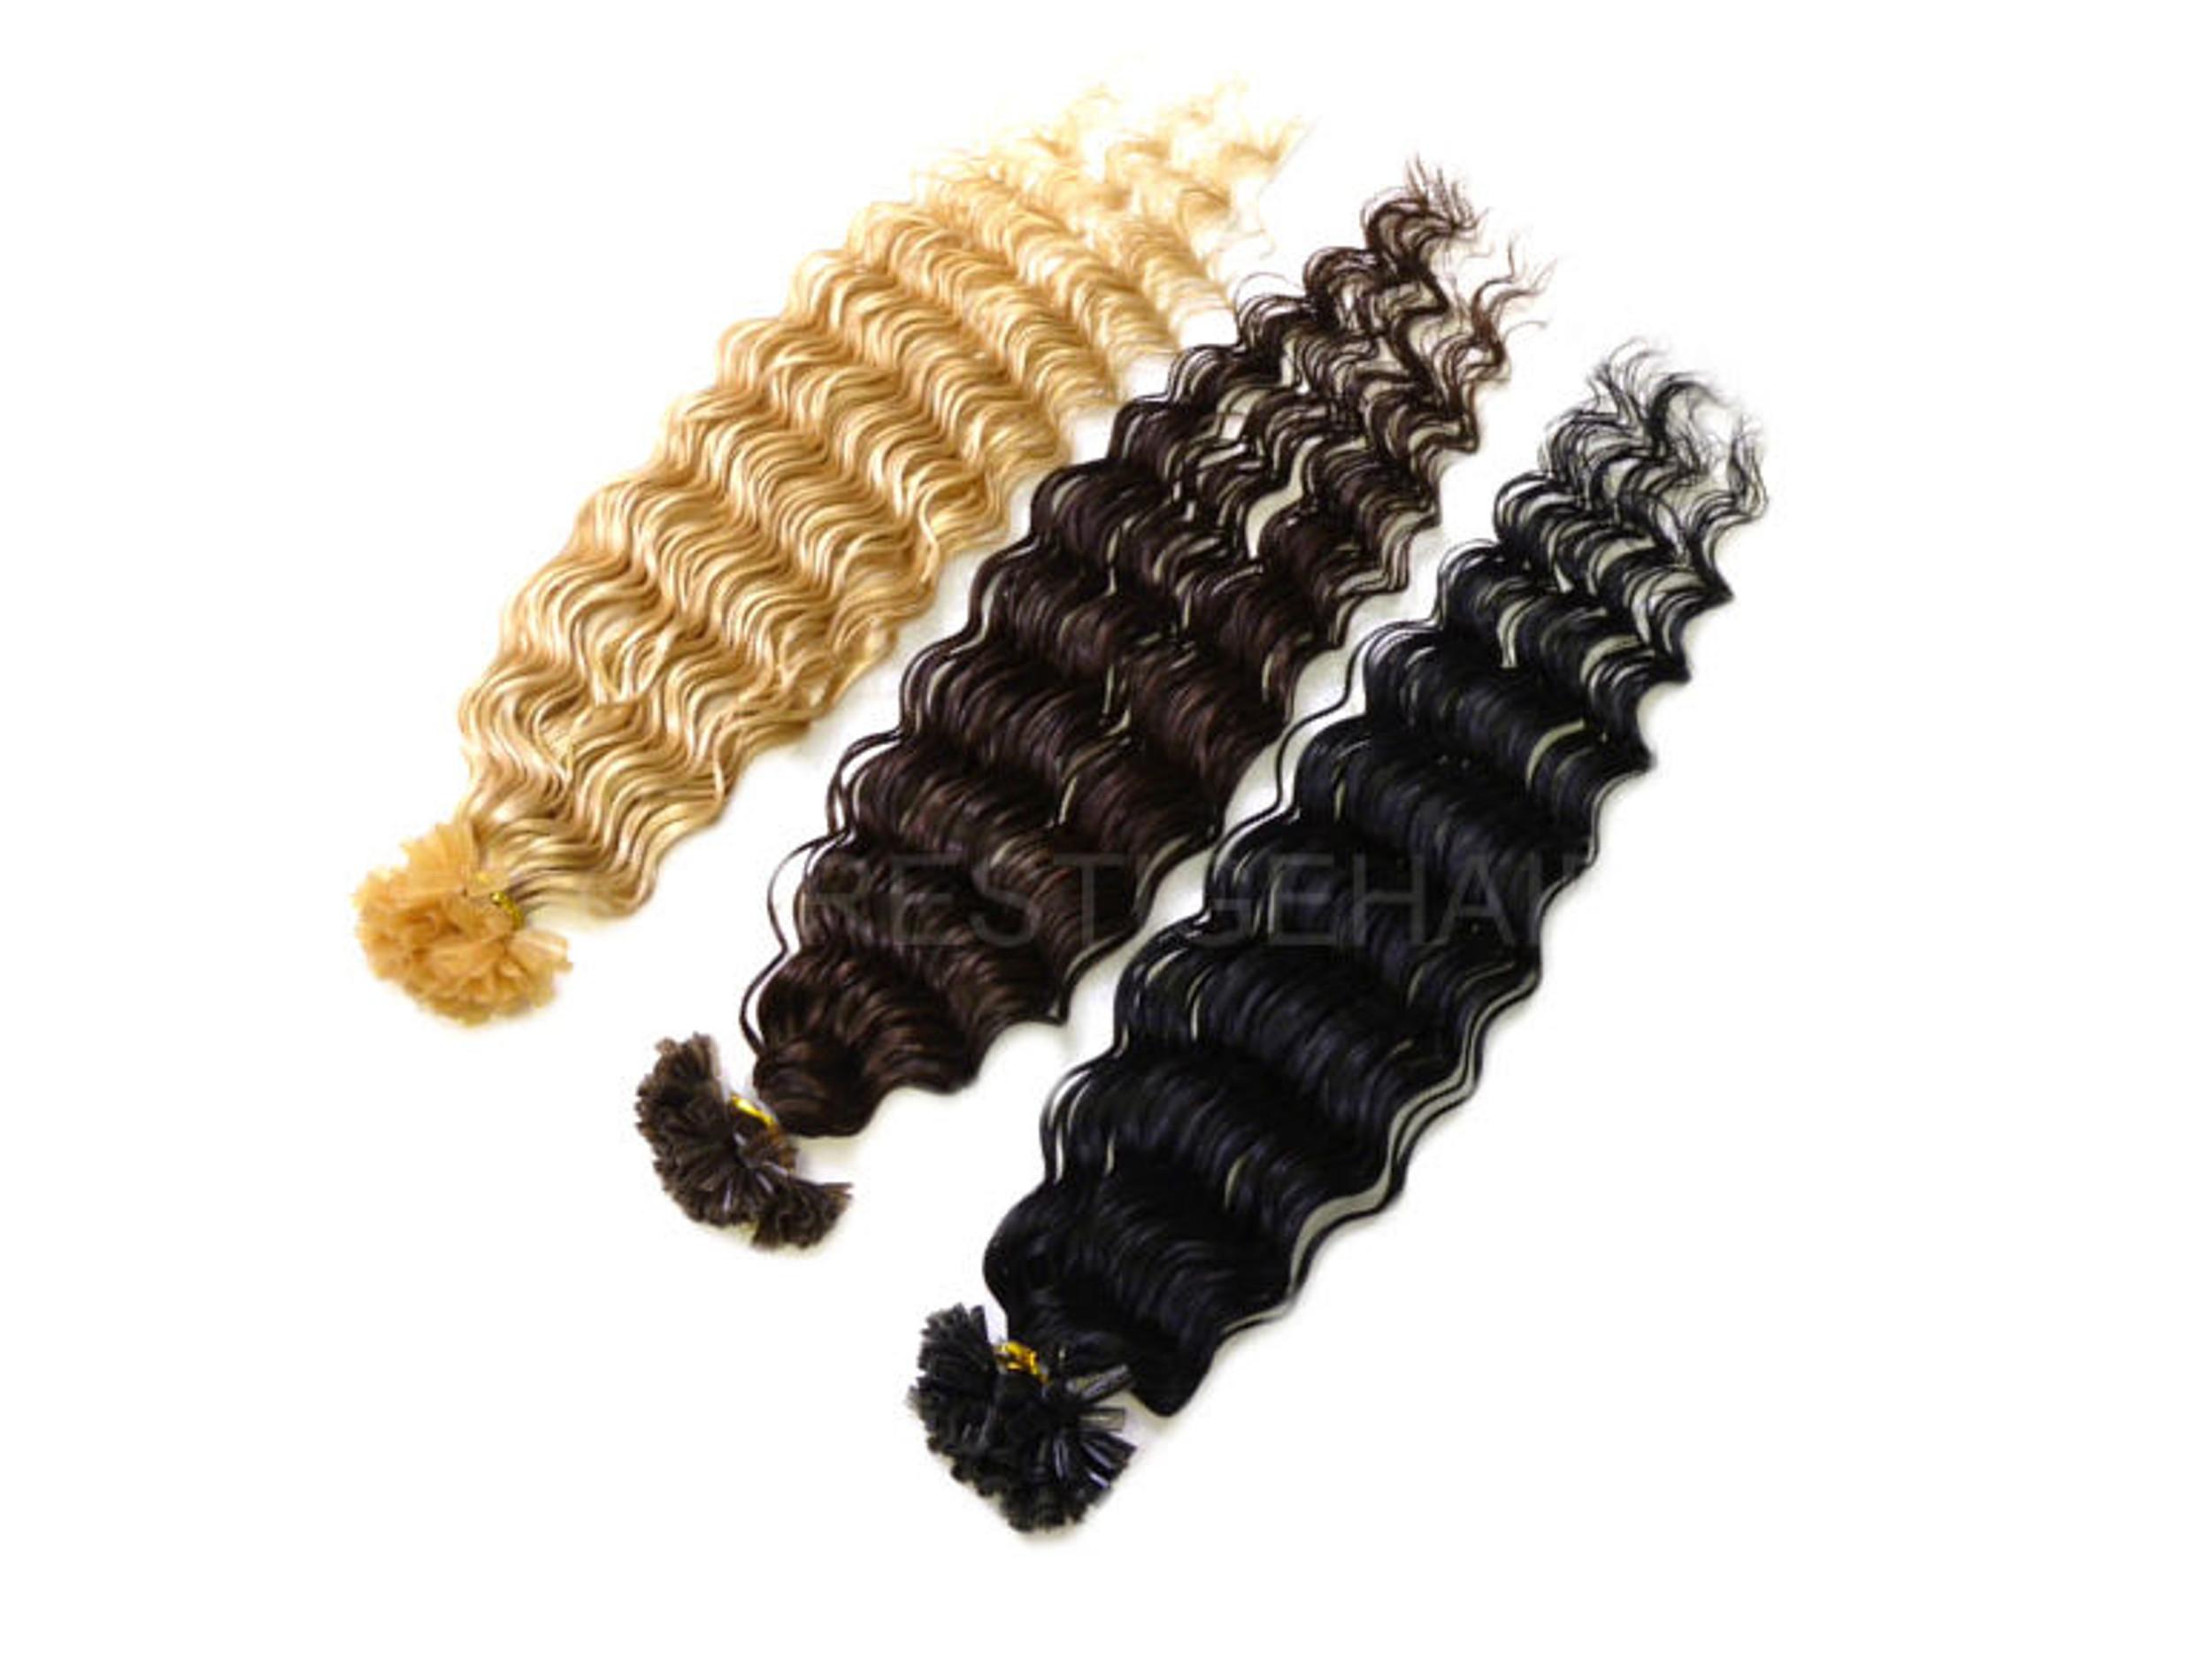 stark gewellte Keratin Bonding Extensions 100% Remy Echthaar Haarverlängerung